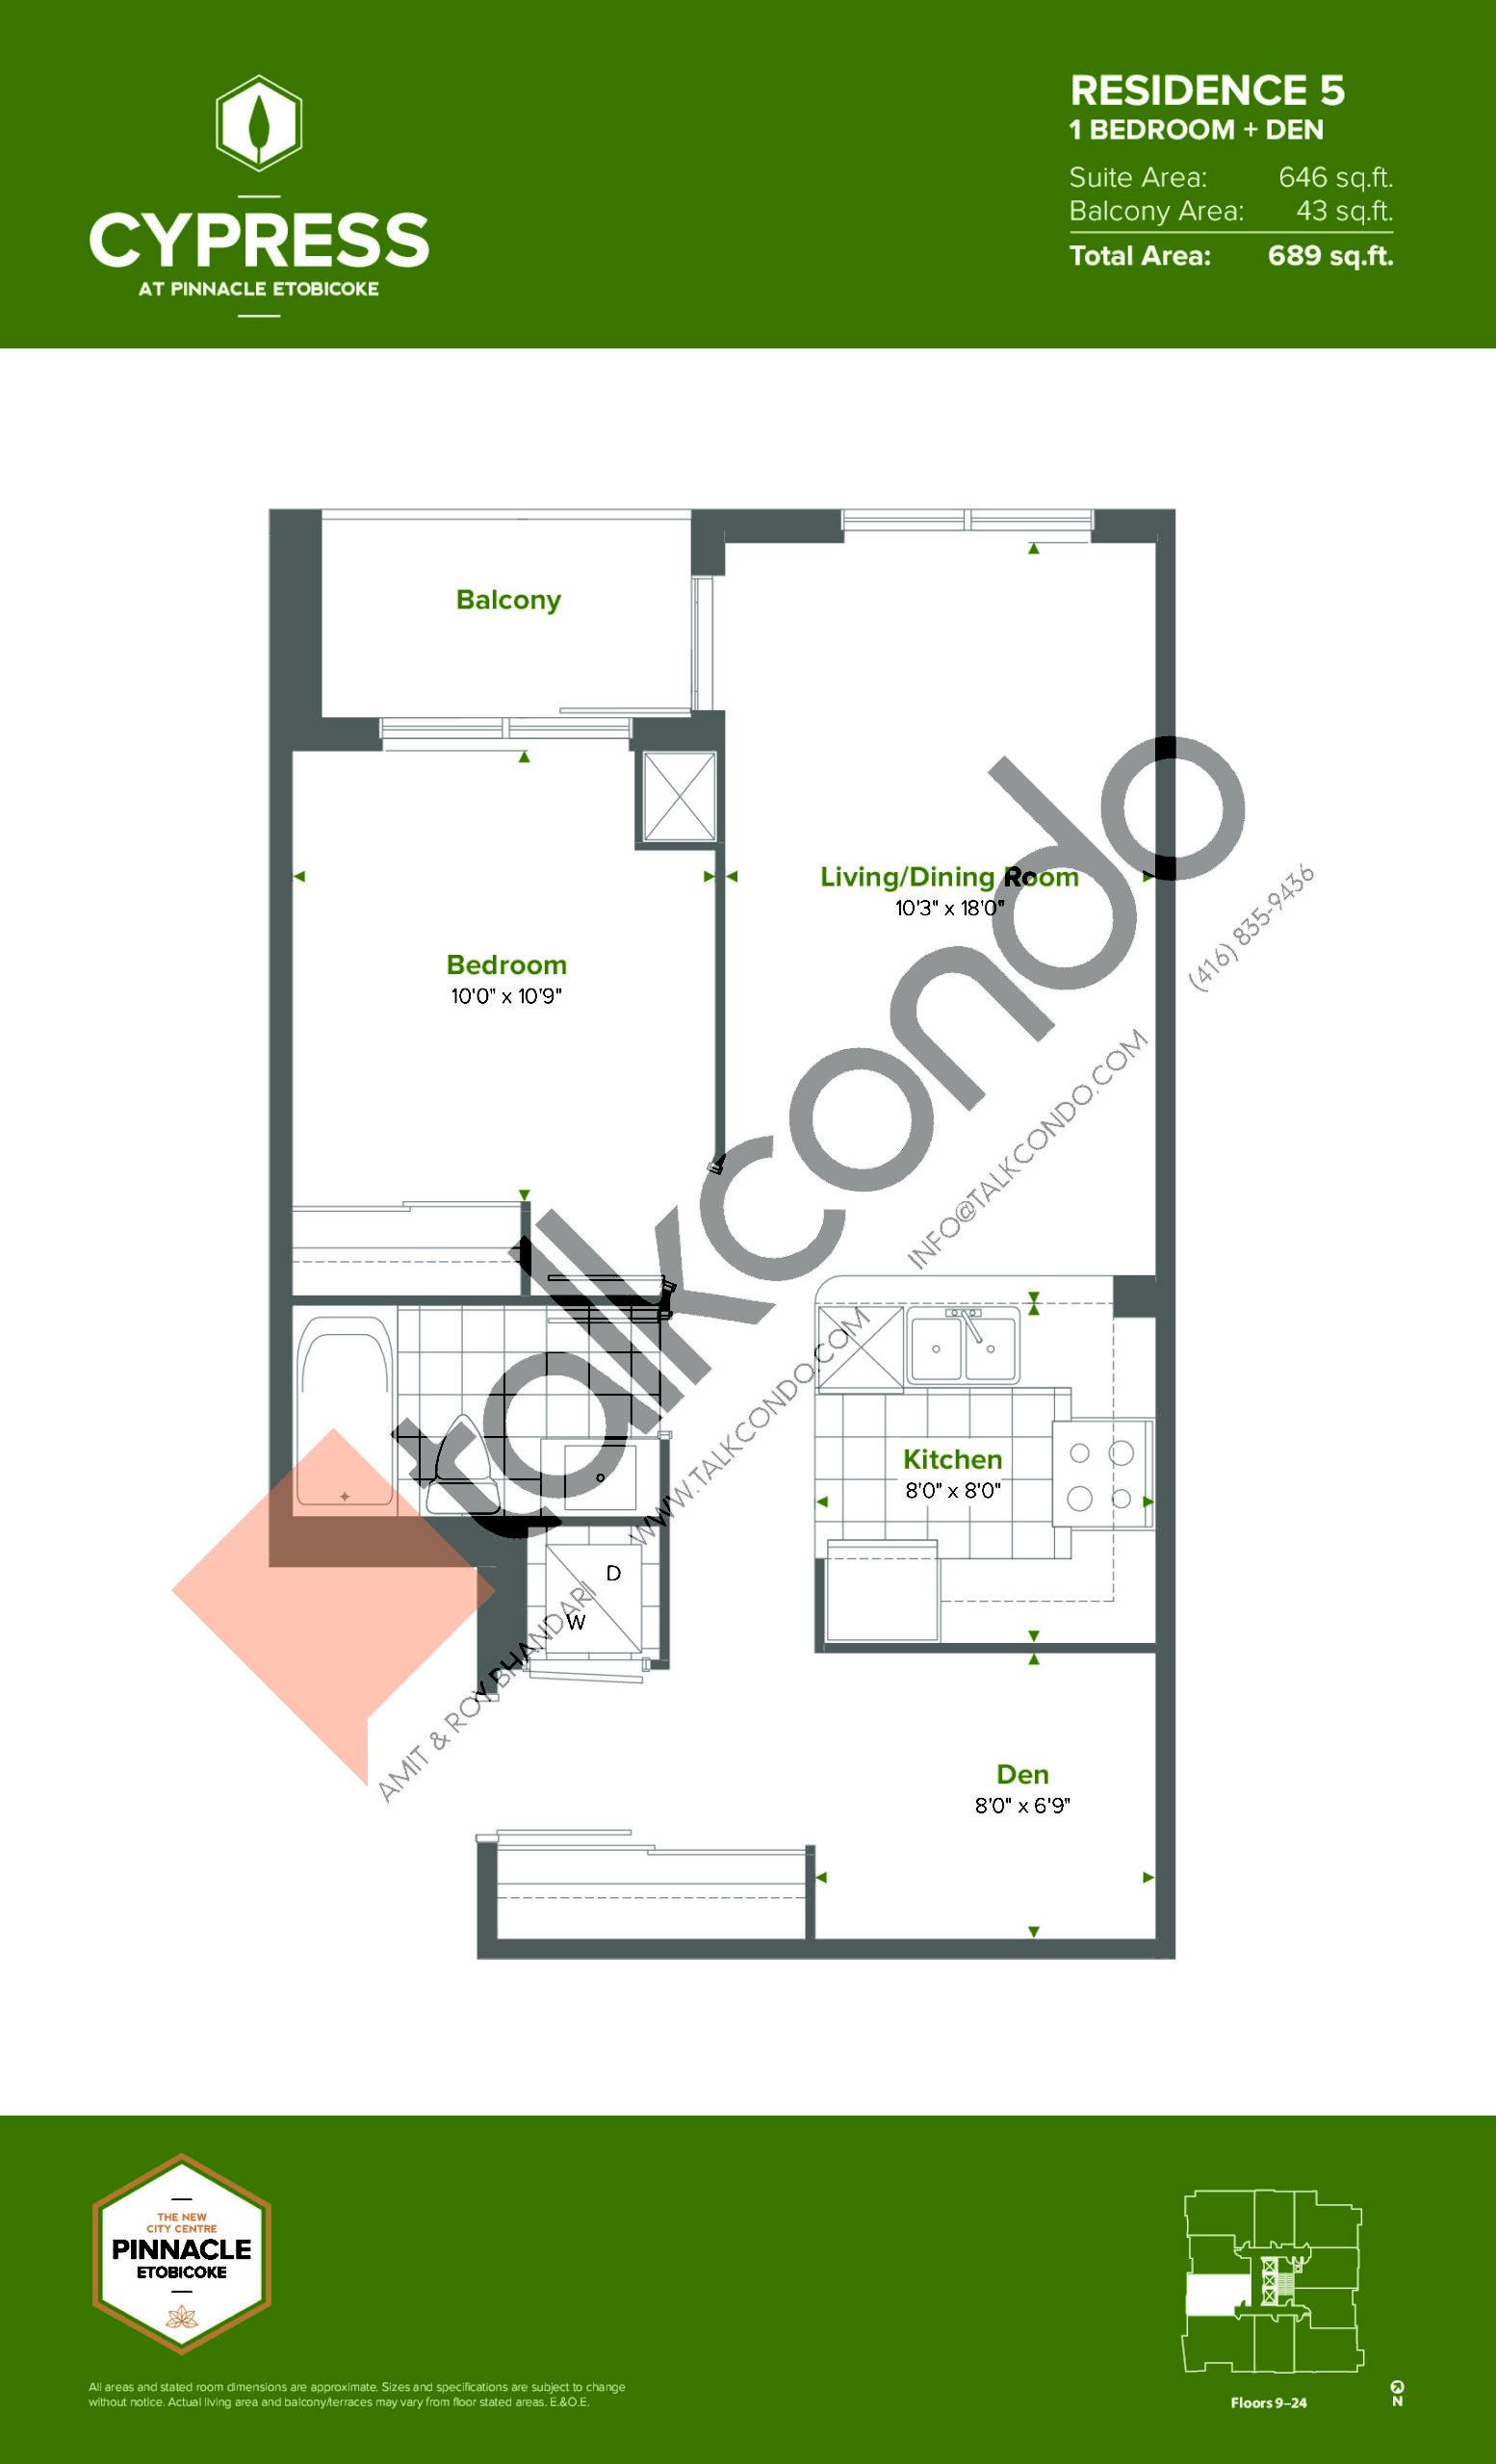 Residence 5 (Tower) Floor Plan at Cypress at Pinnacle Etobicoke - 646 sq.ft